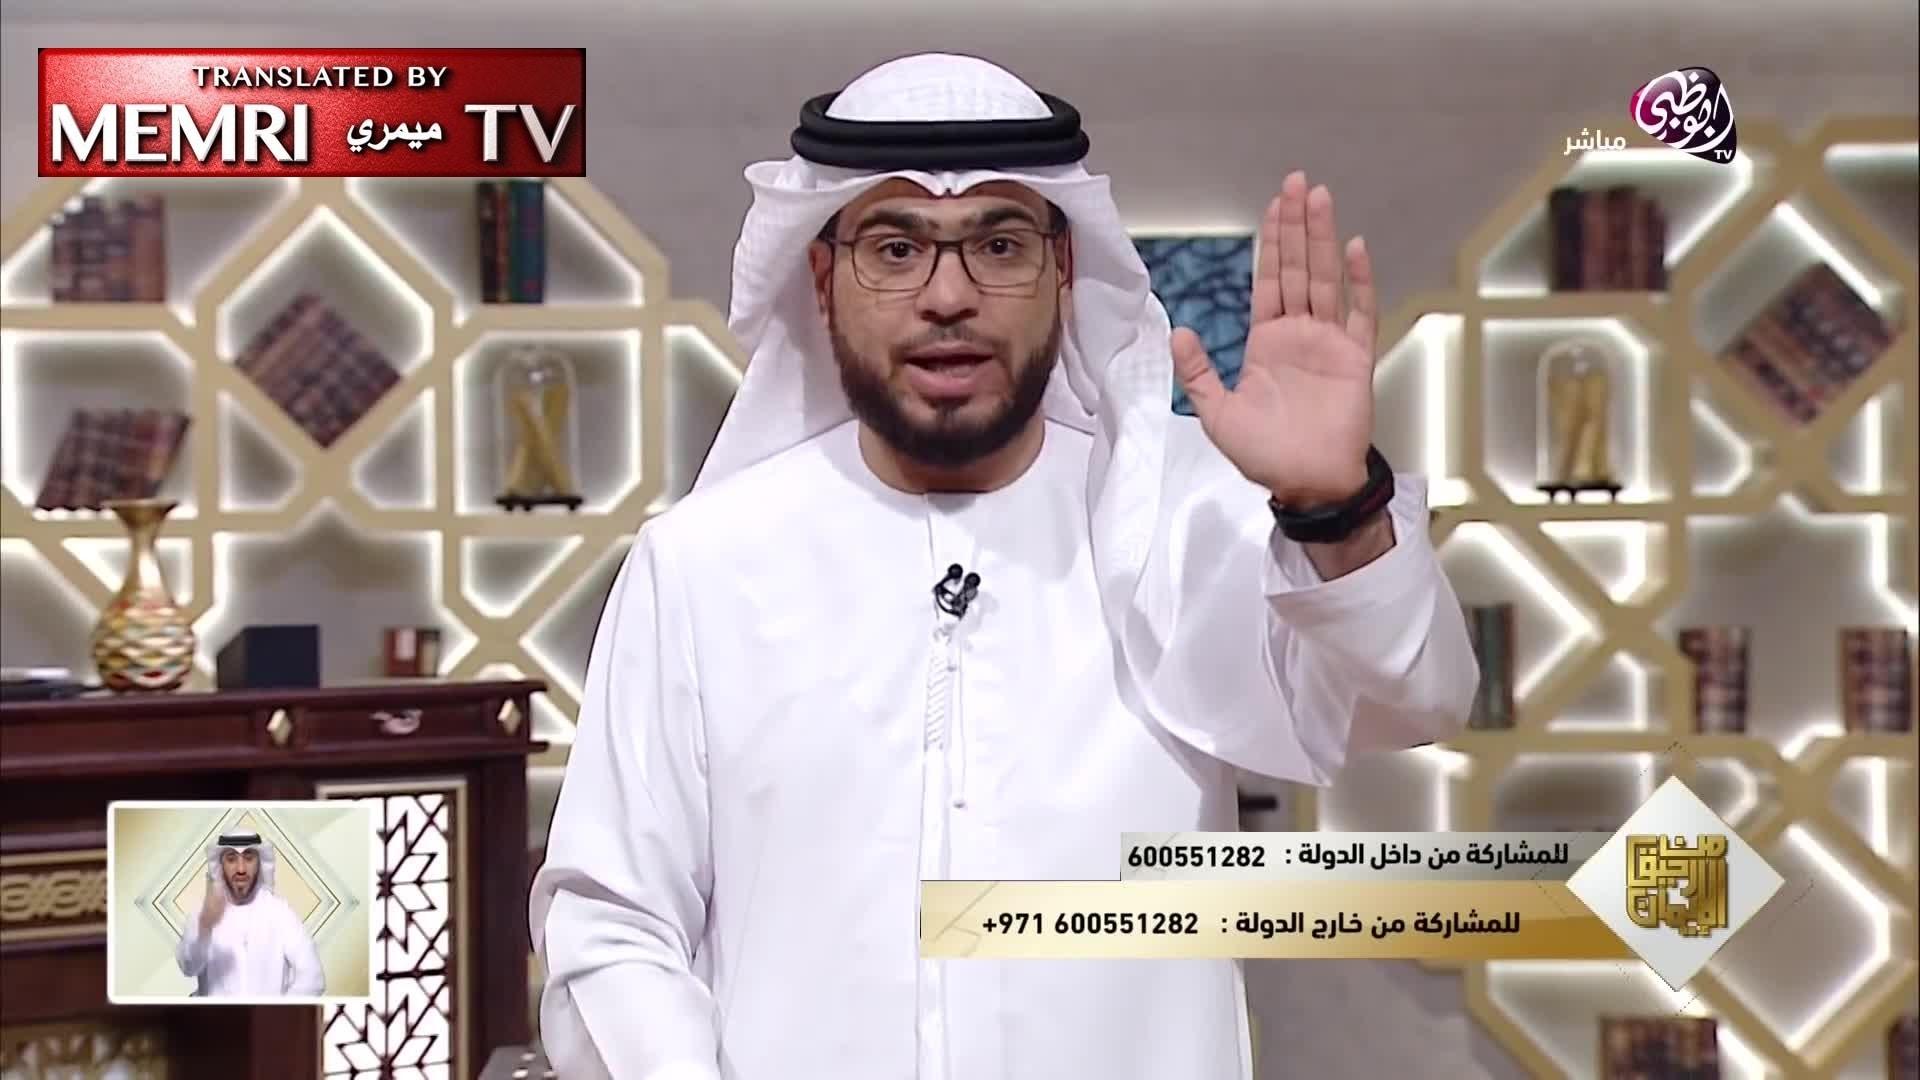 United Arab Emirates | MEMRI